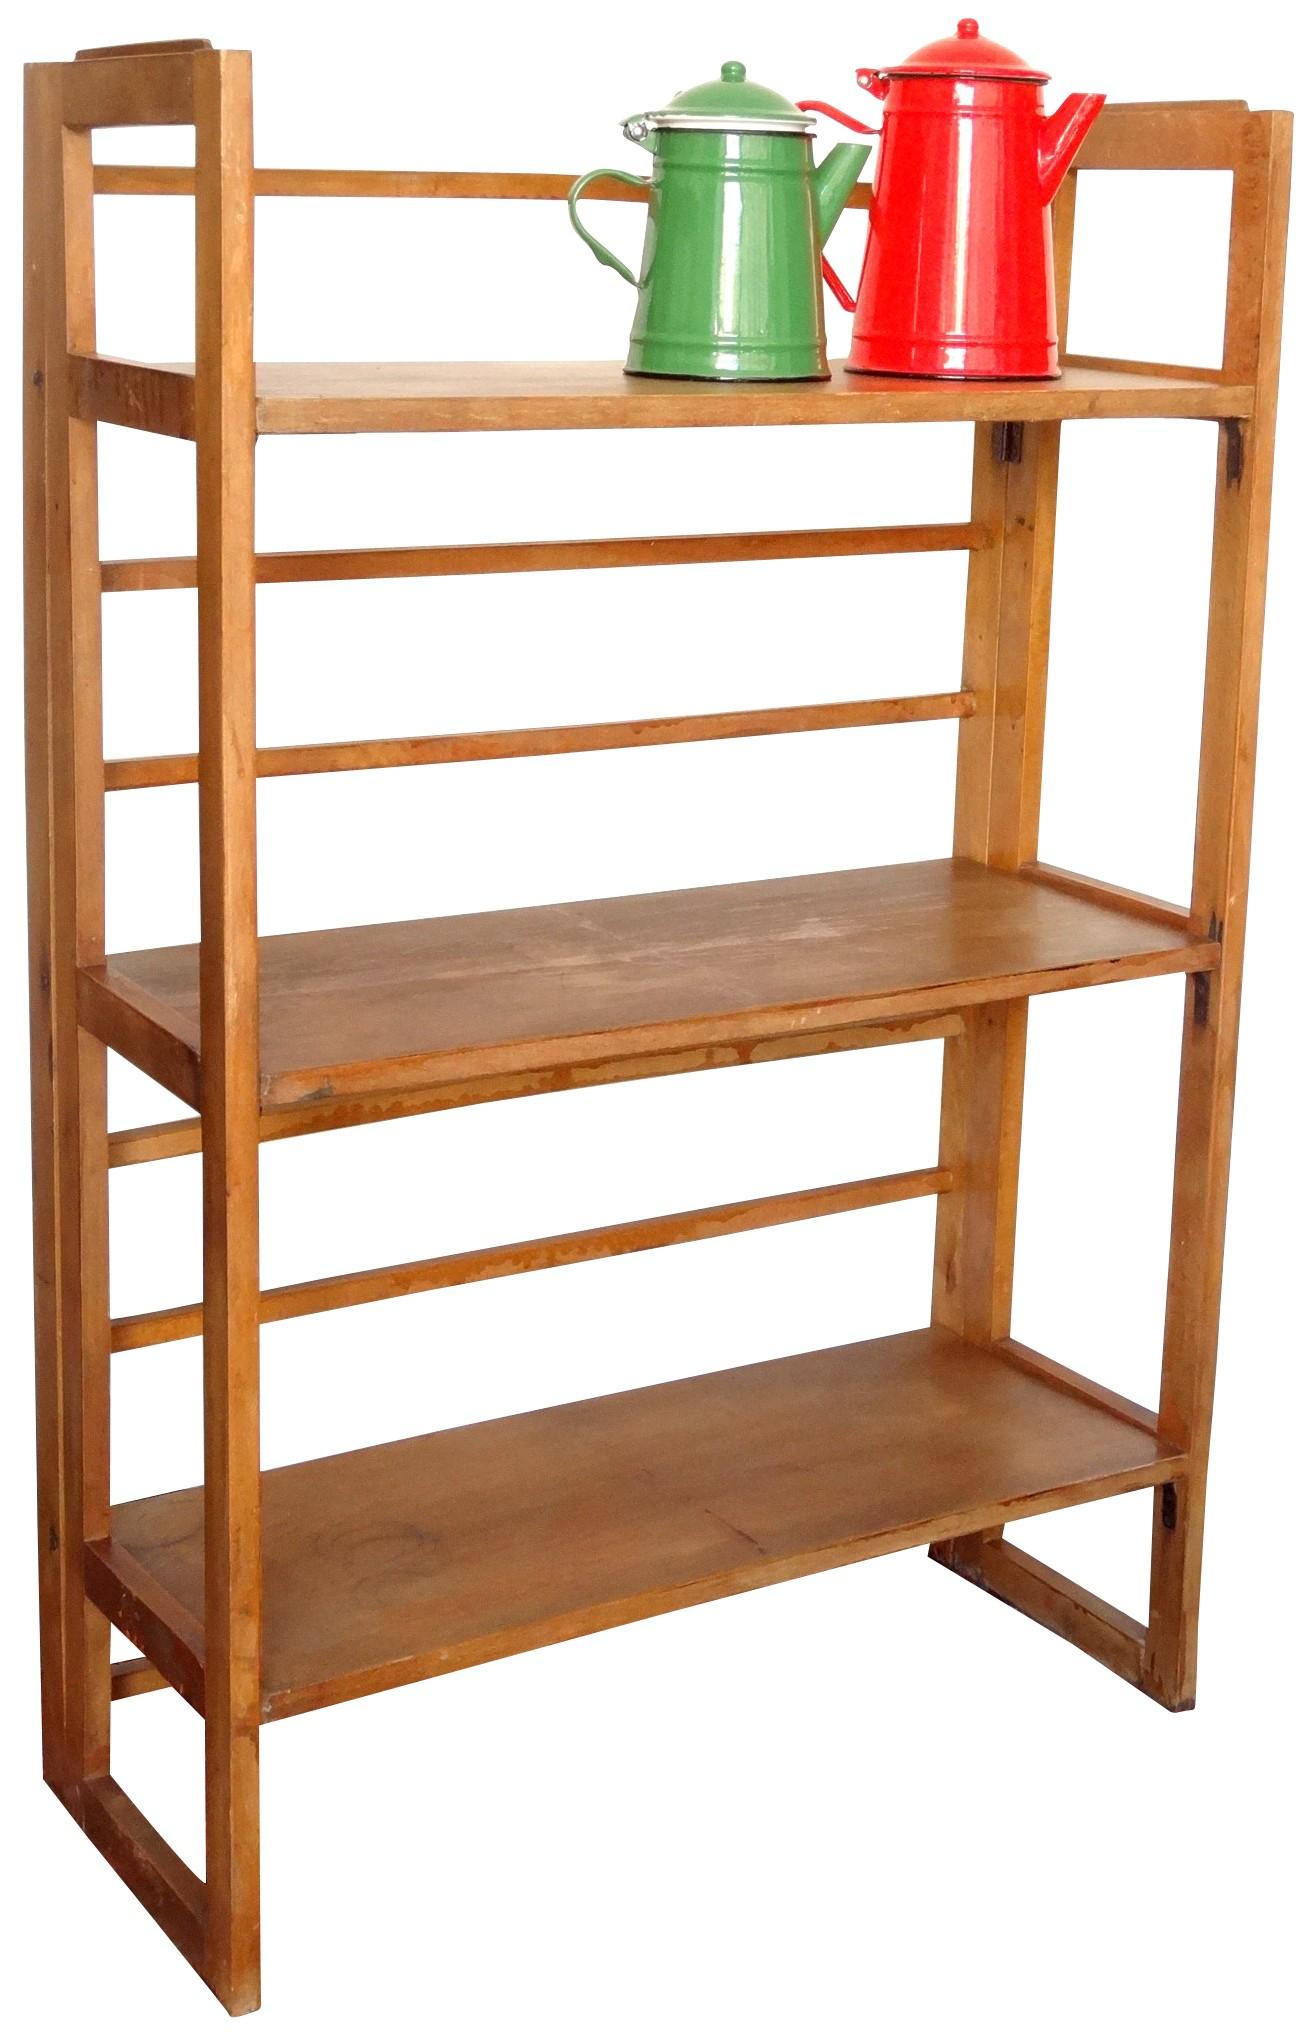 Folding Shelves In Solid Wood 1950s Design Market